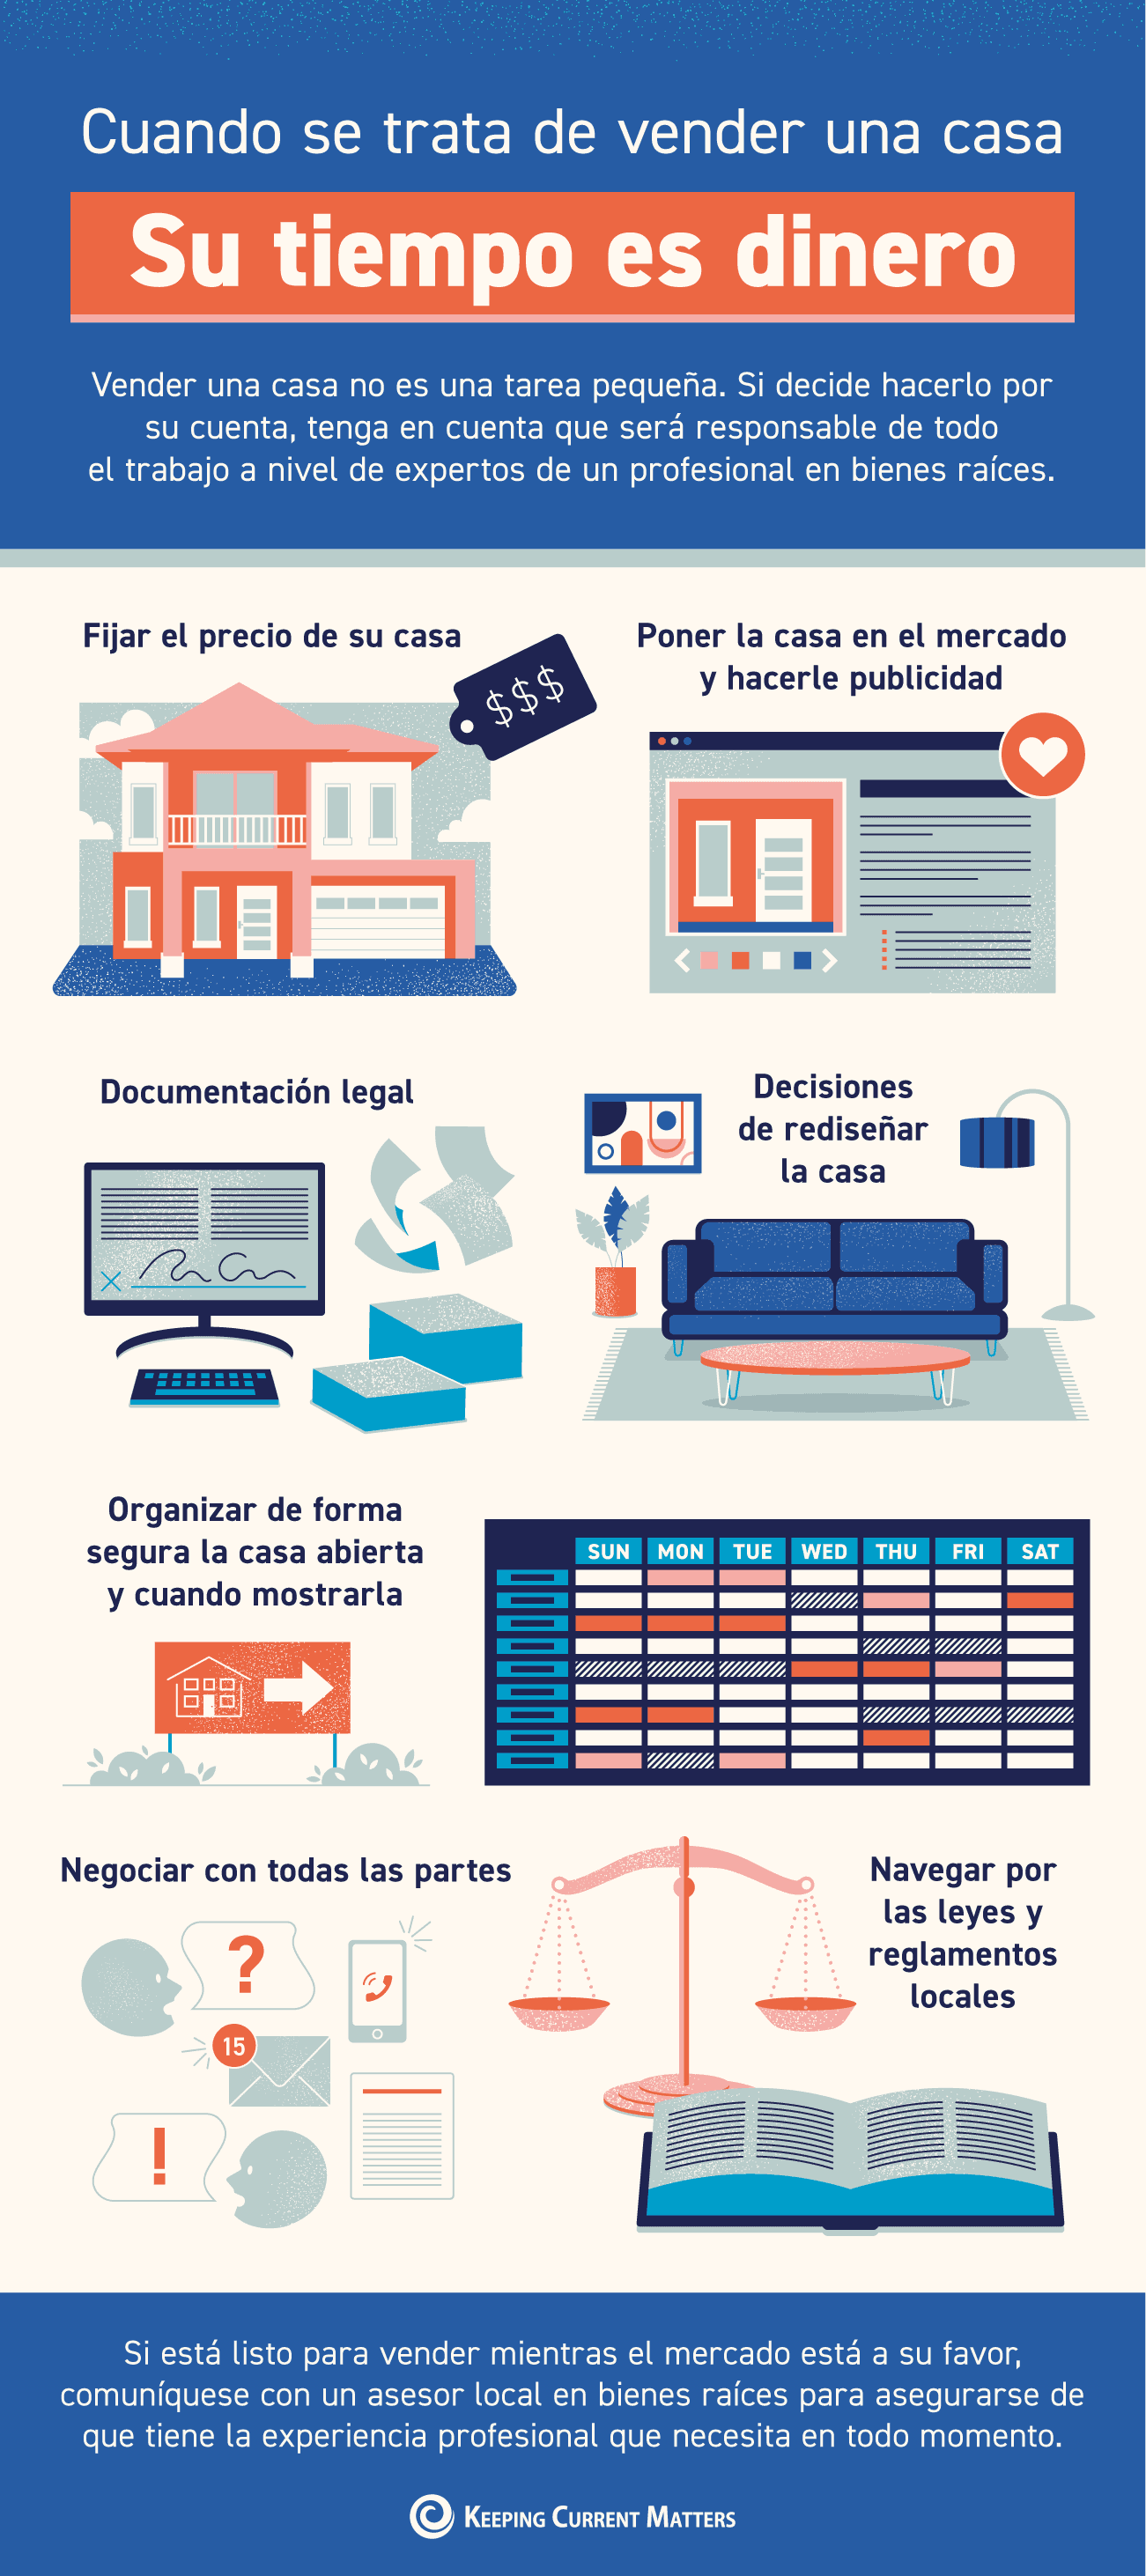 Cuando se trata de vender una casa, su tiempo es dinero [infografía] | Keeping Current Matters